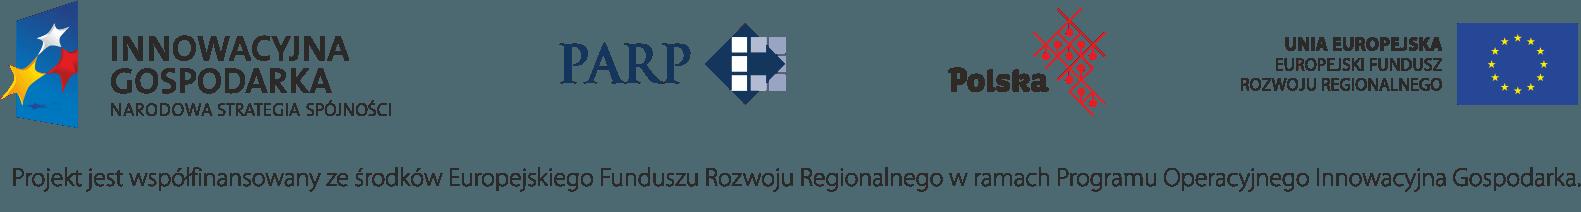 logo-ue (1)